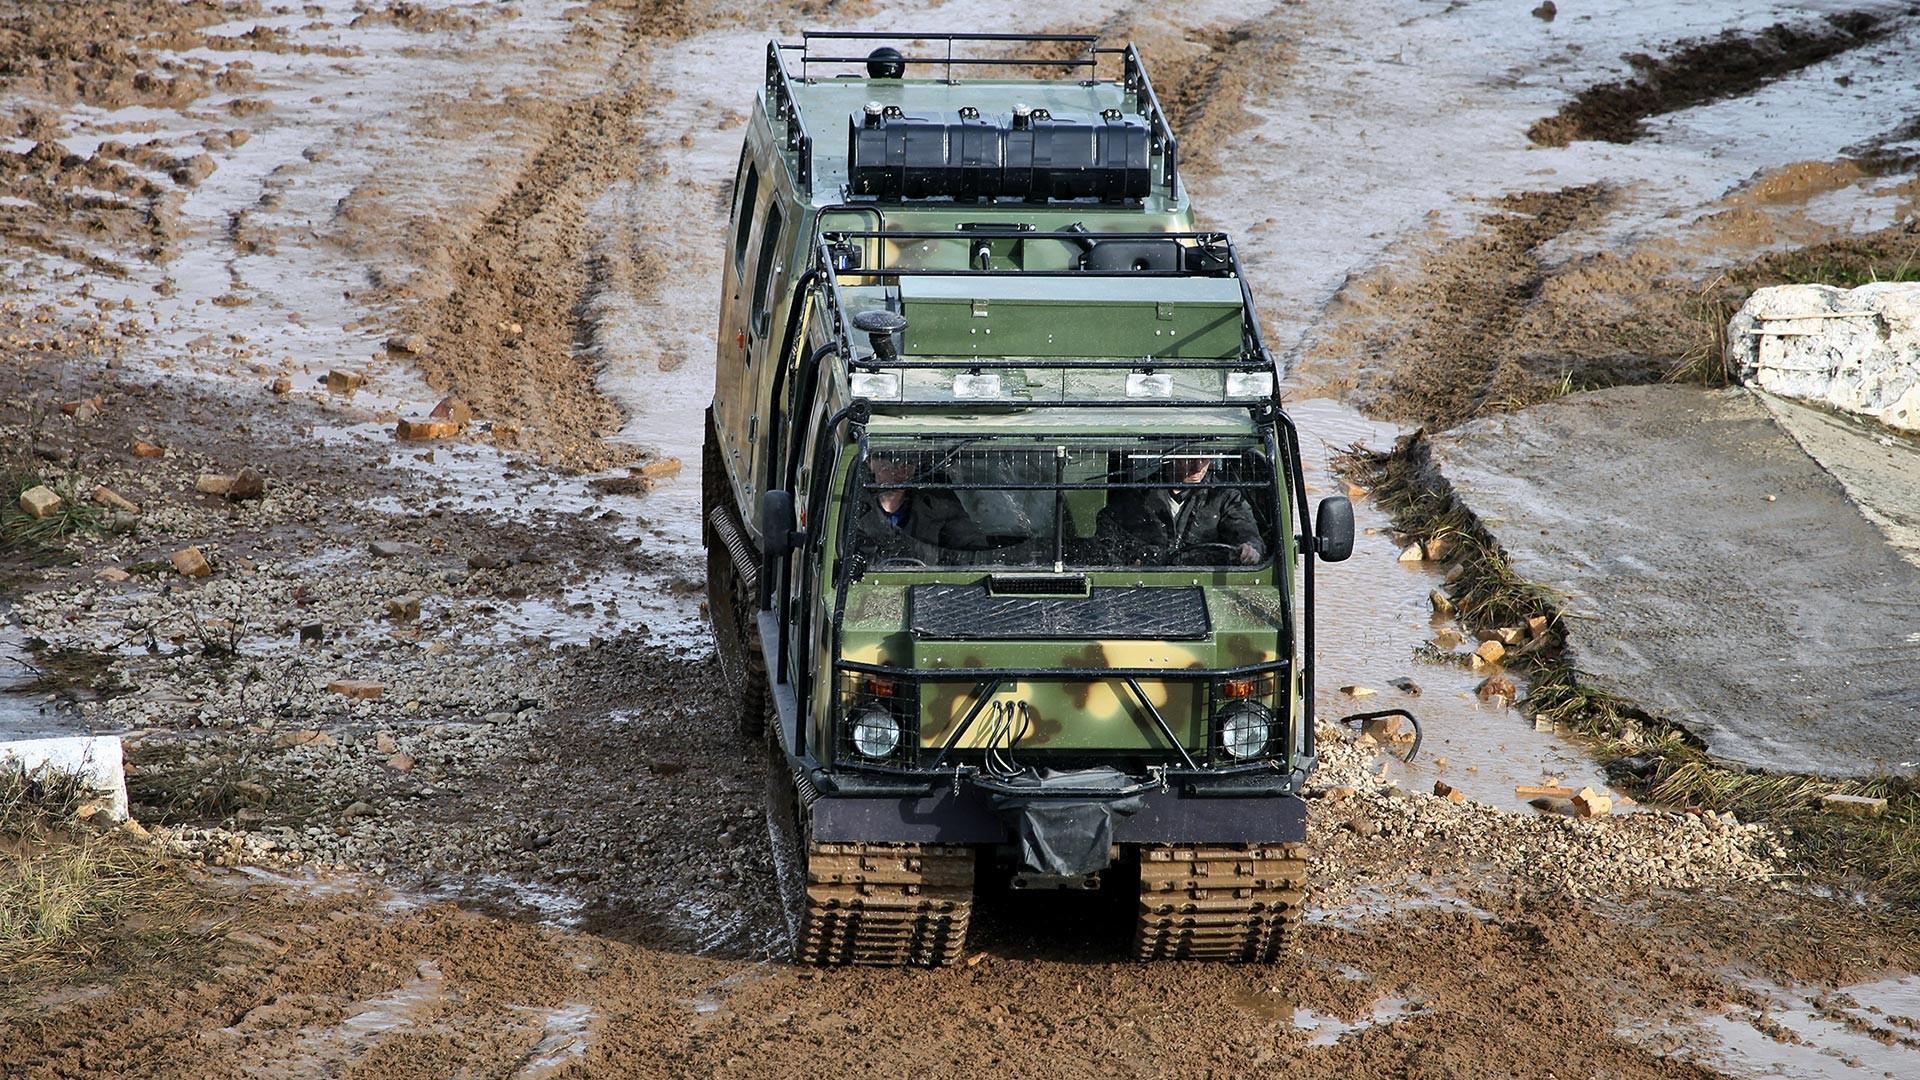 """Гусенично теренско возило ГАЗ-3351 """"Лос"""" са два спојена одсека."""